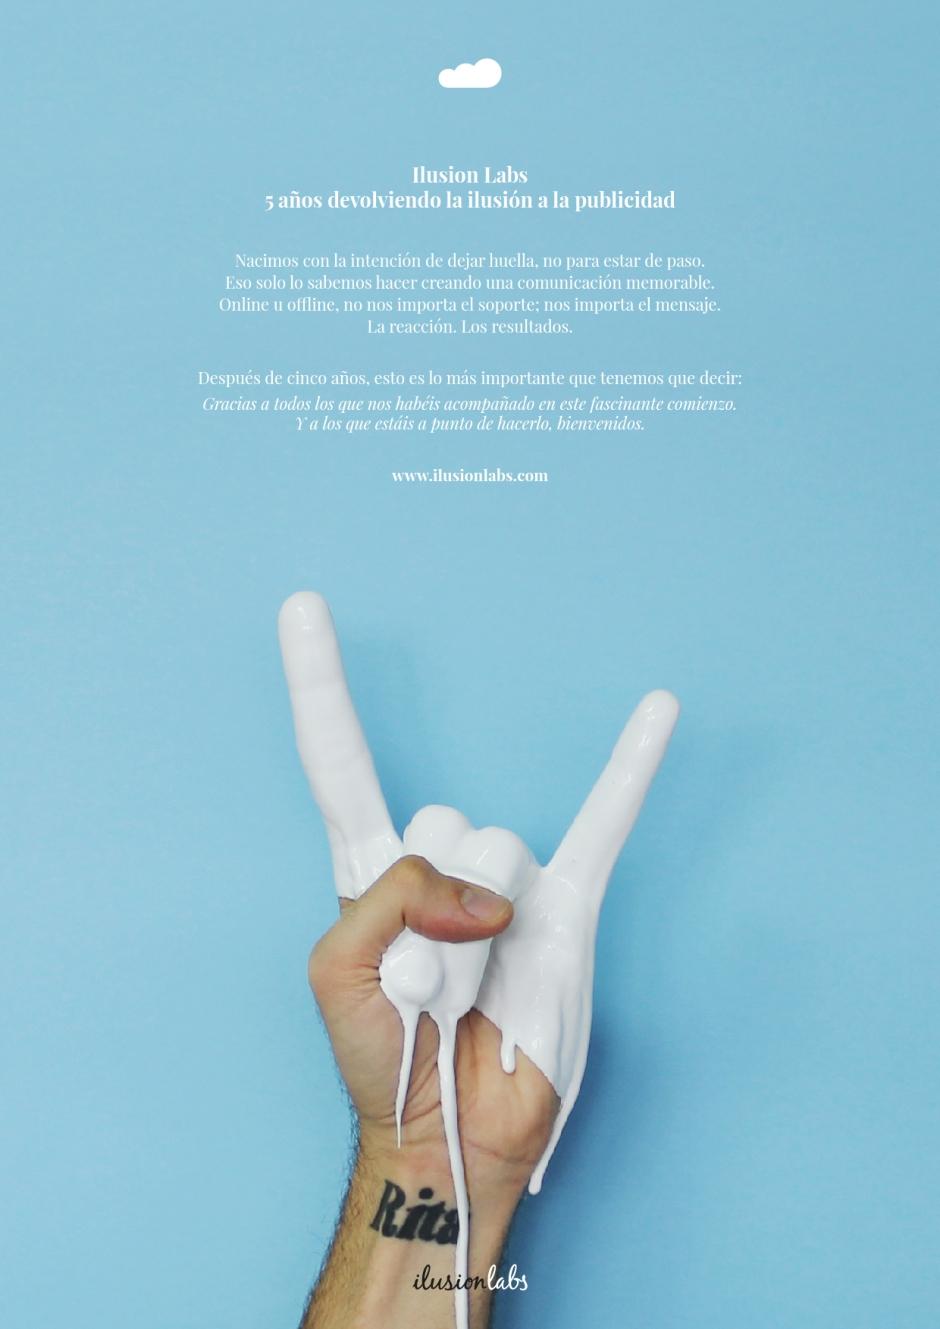 Campaña aniversario 5 años de ilusionlabs